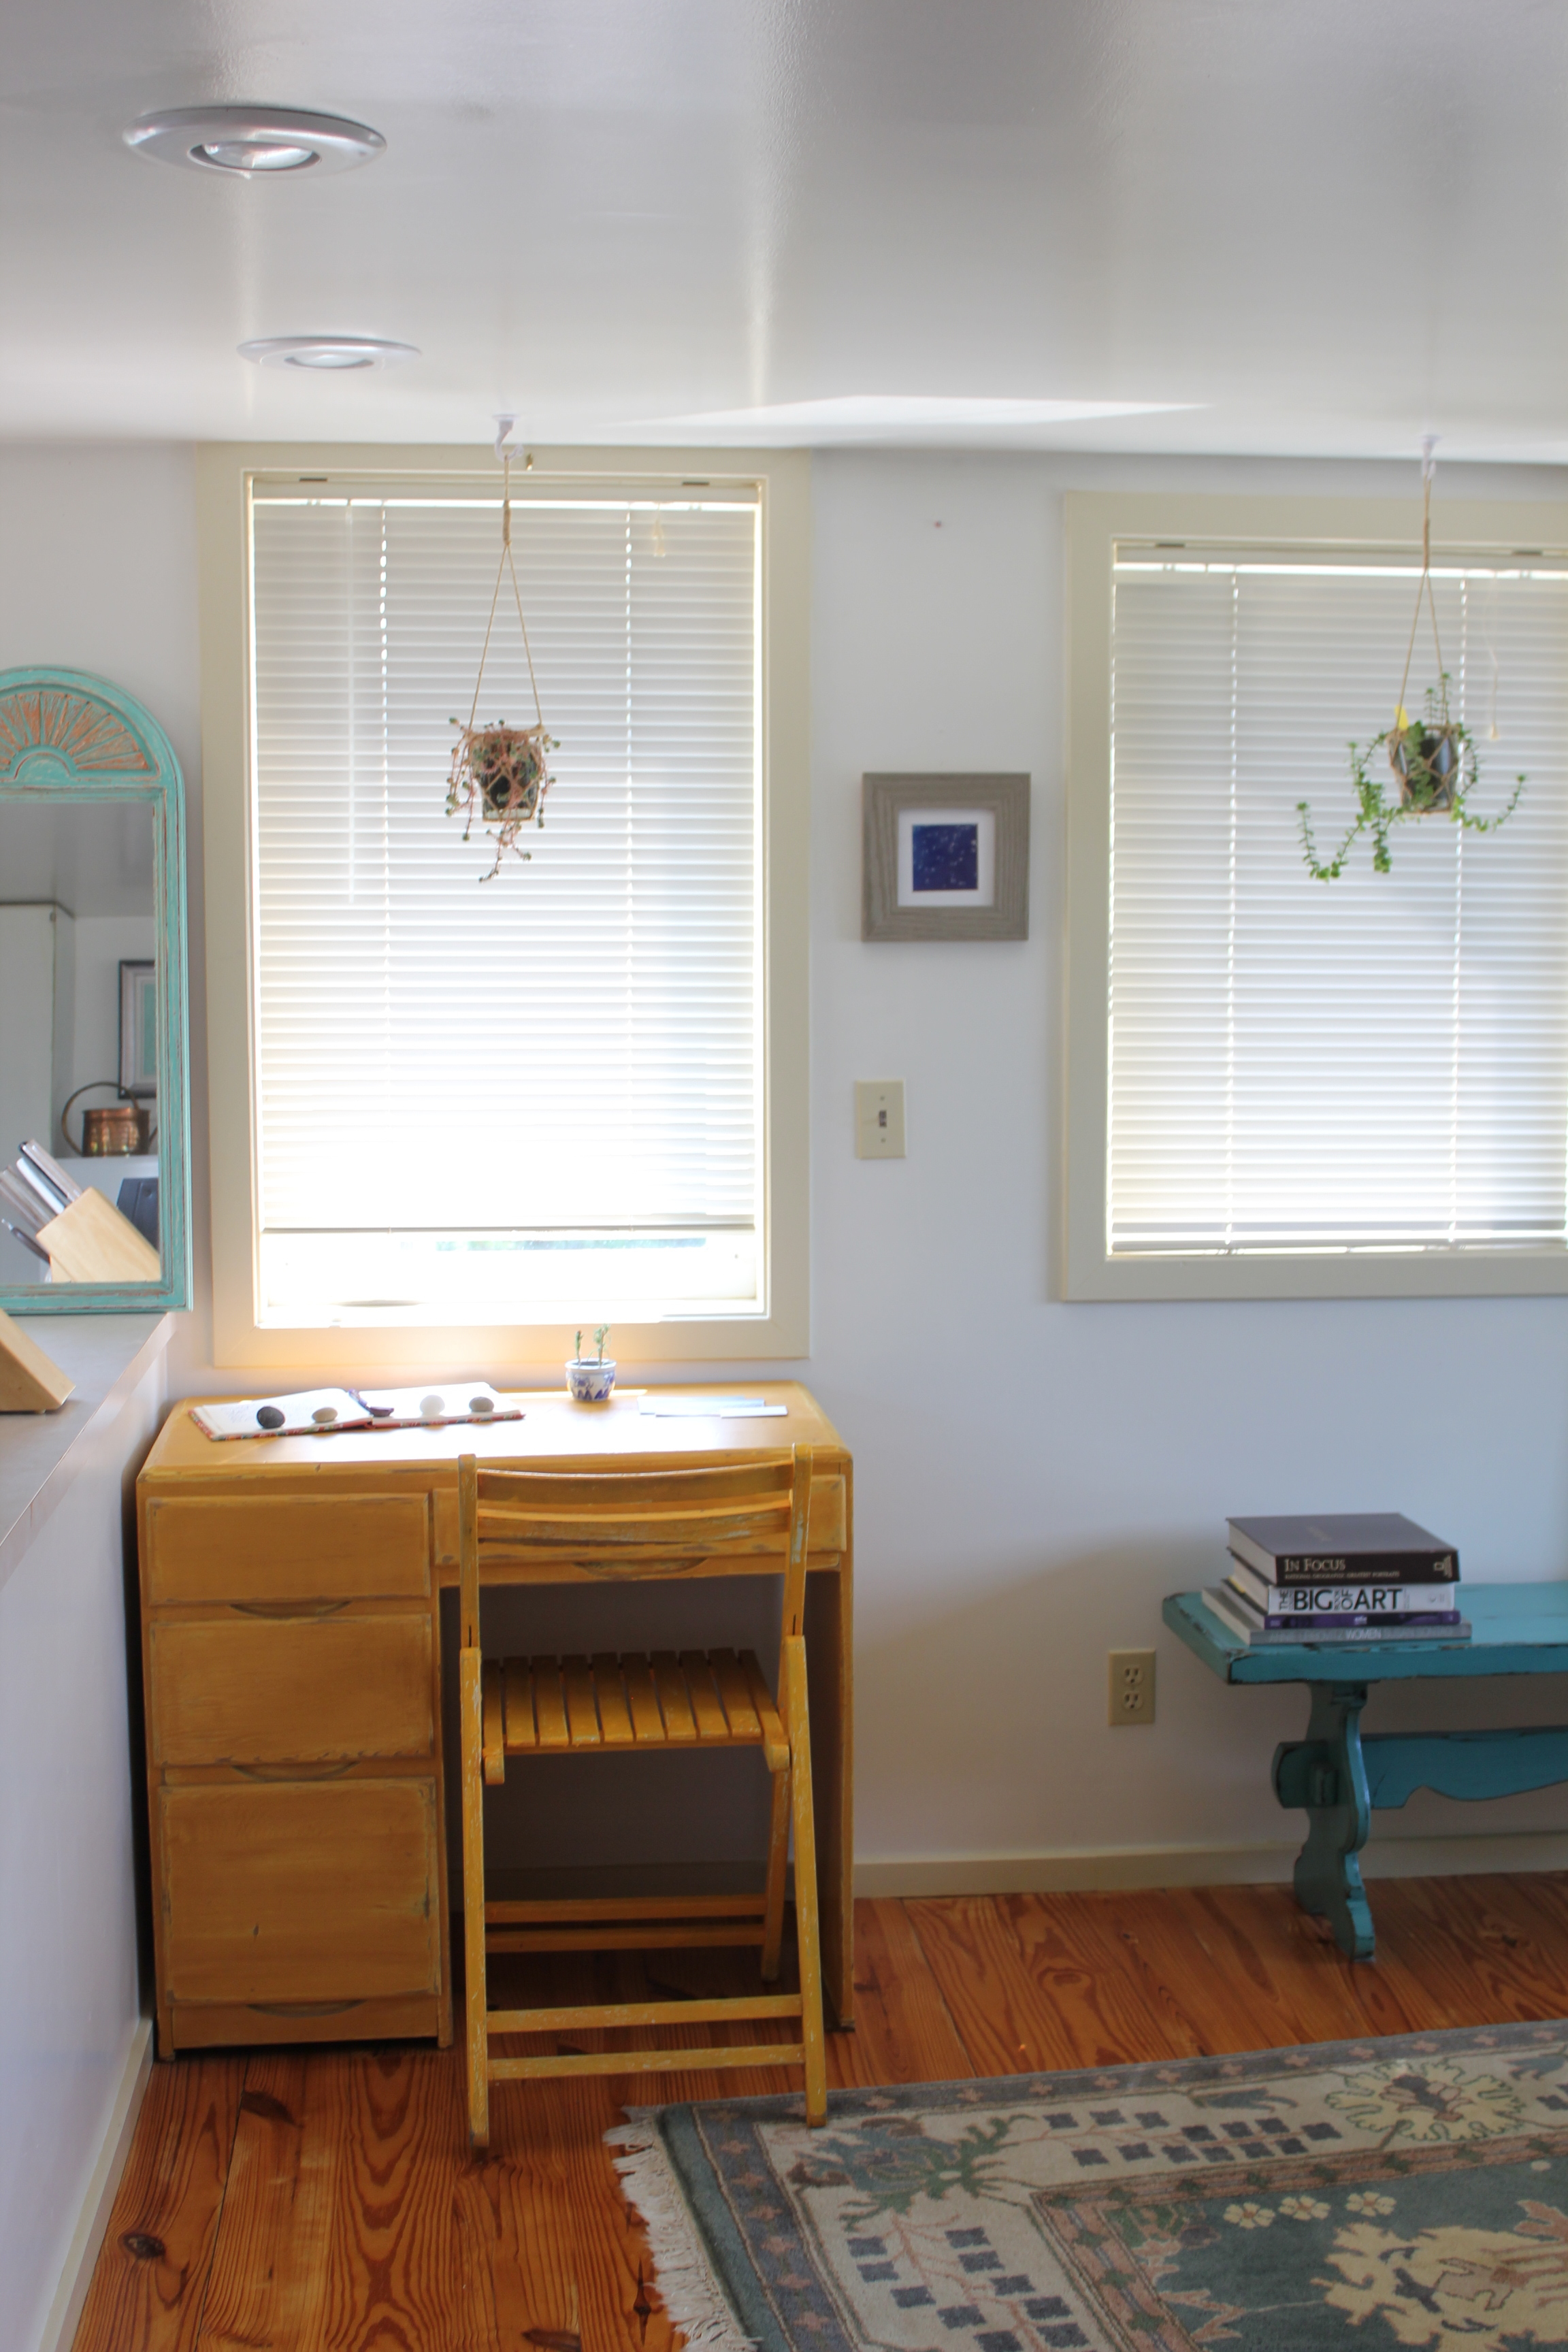 antique shabby chic desk area at plum nelli apartment.JPG